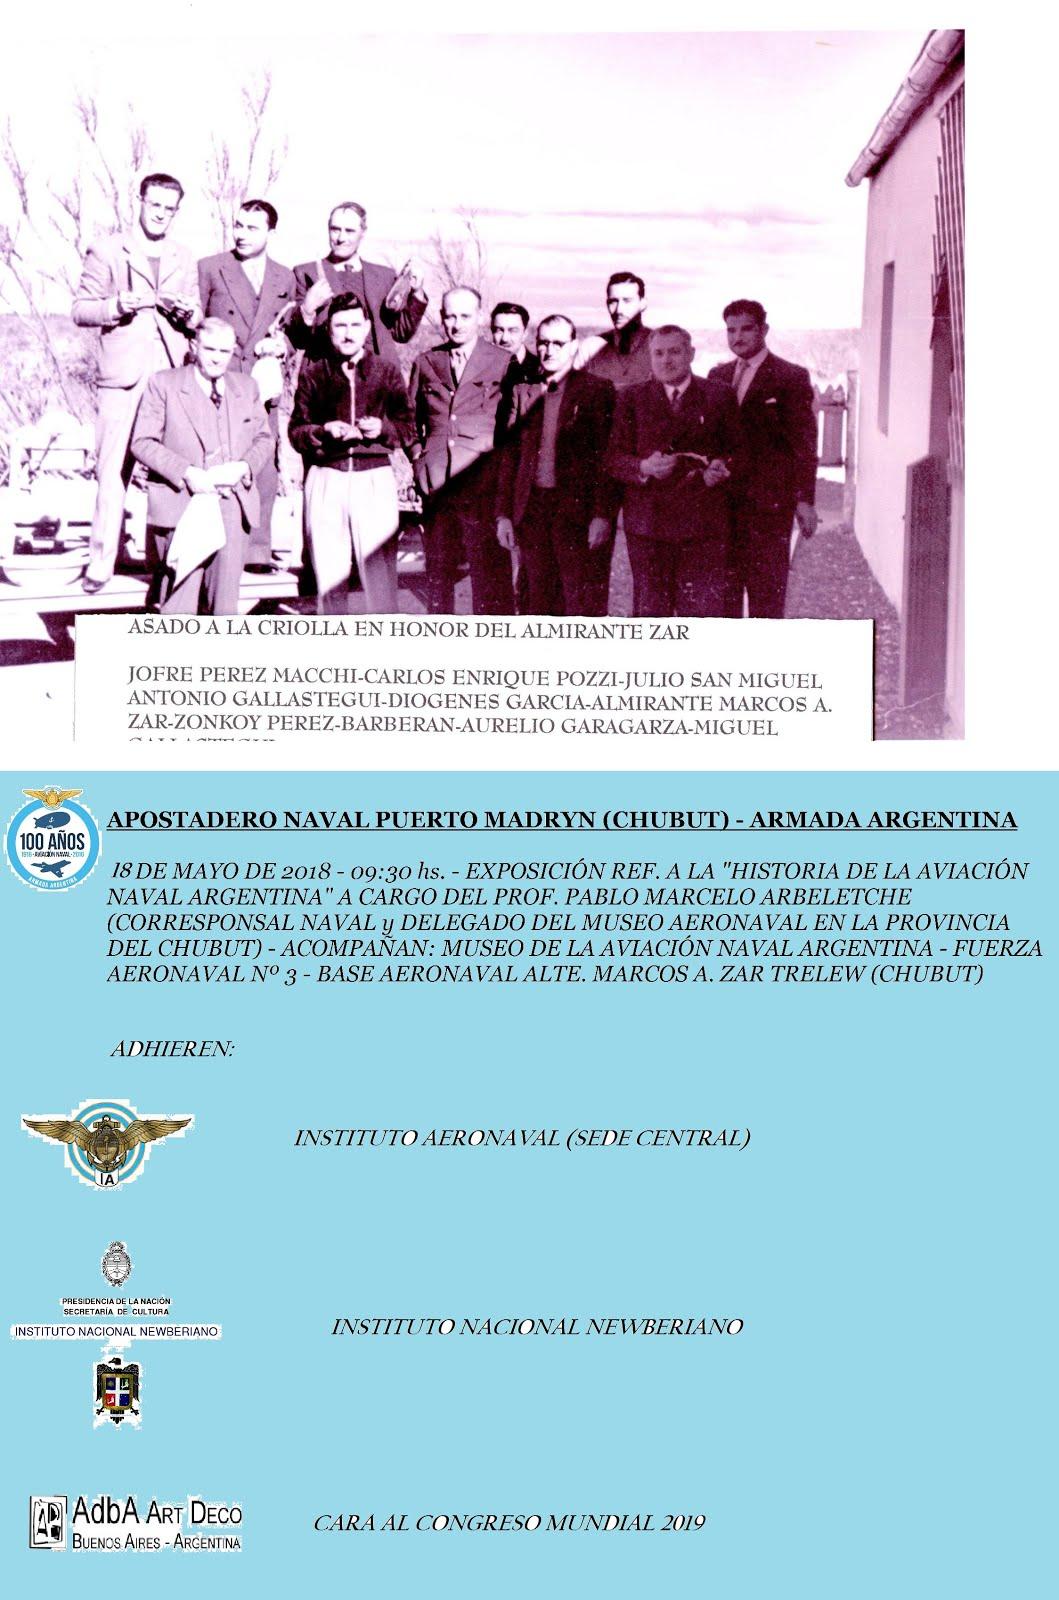 Exposición Apostadero Naval Puerto Madryn